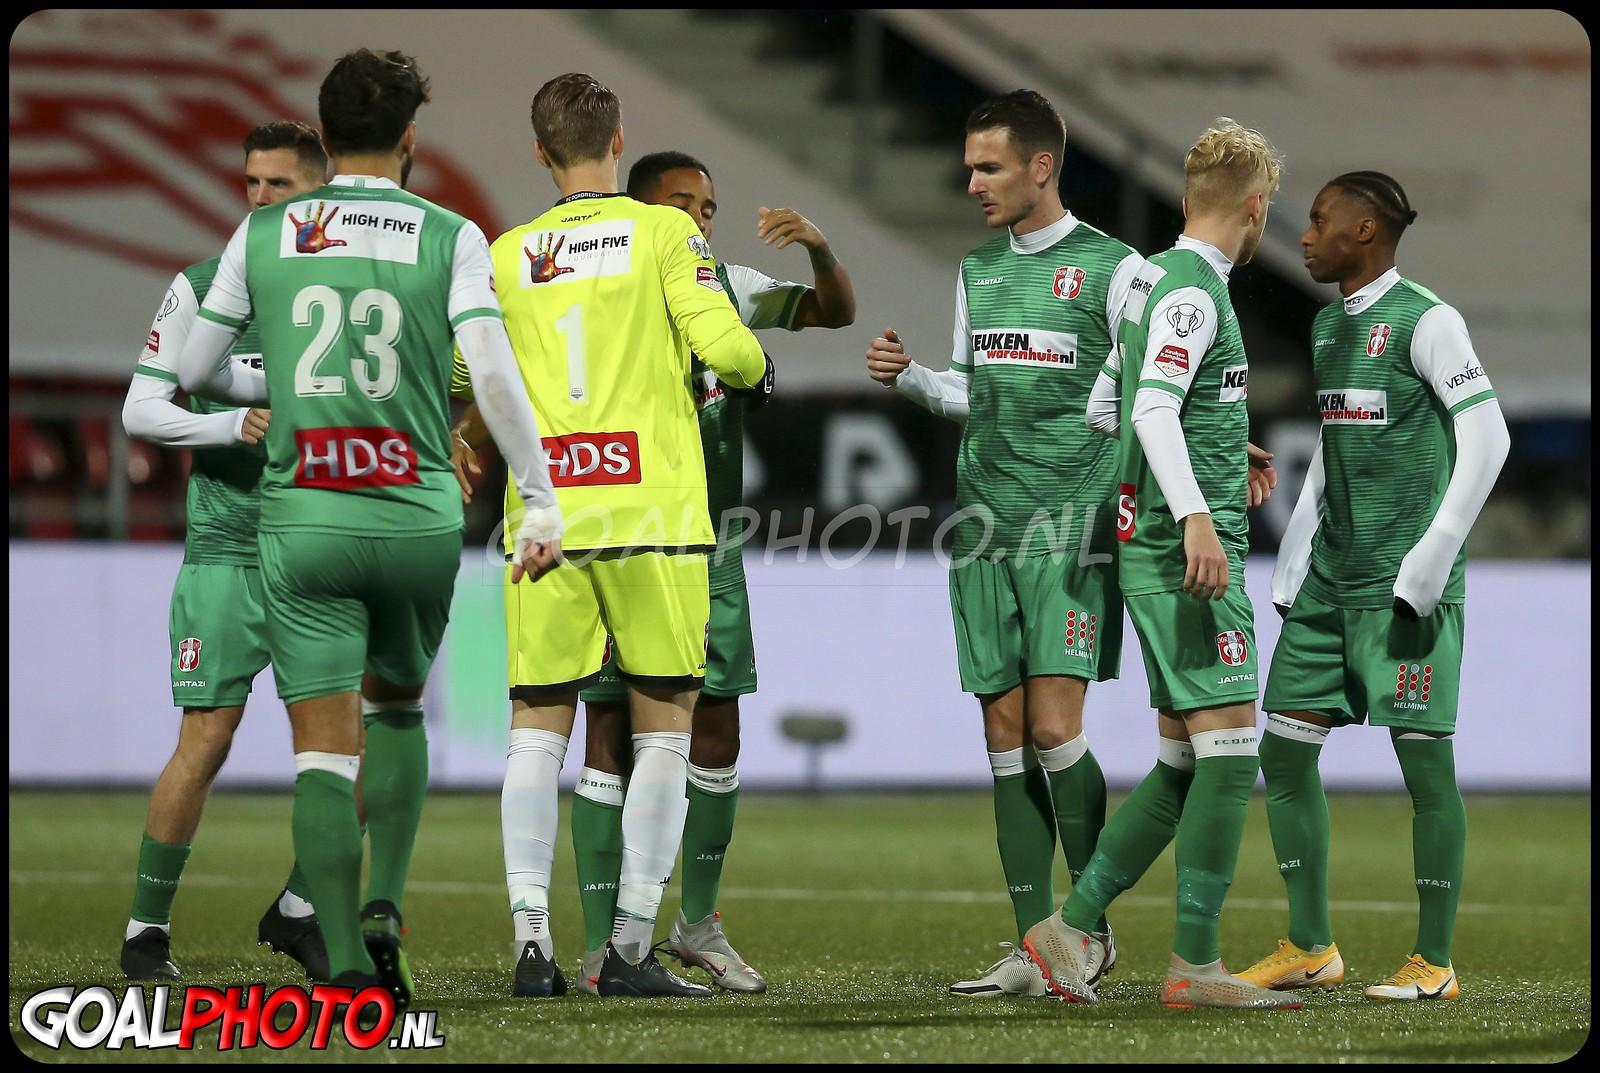 Telstar - FC dordrecht 19-11-2020